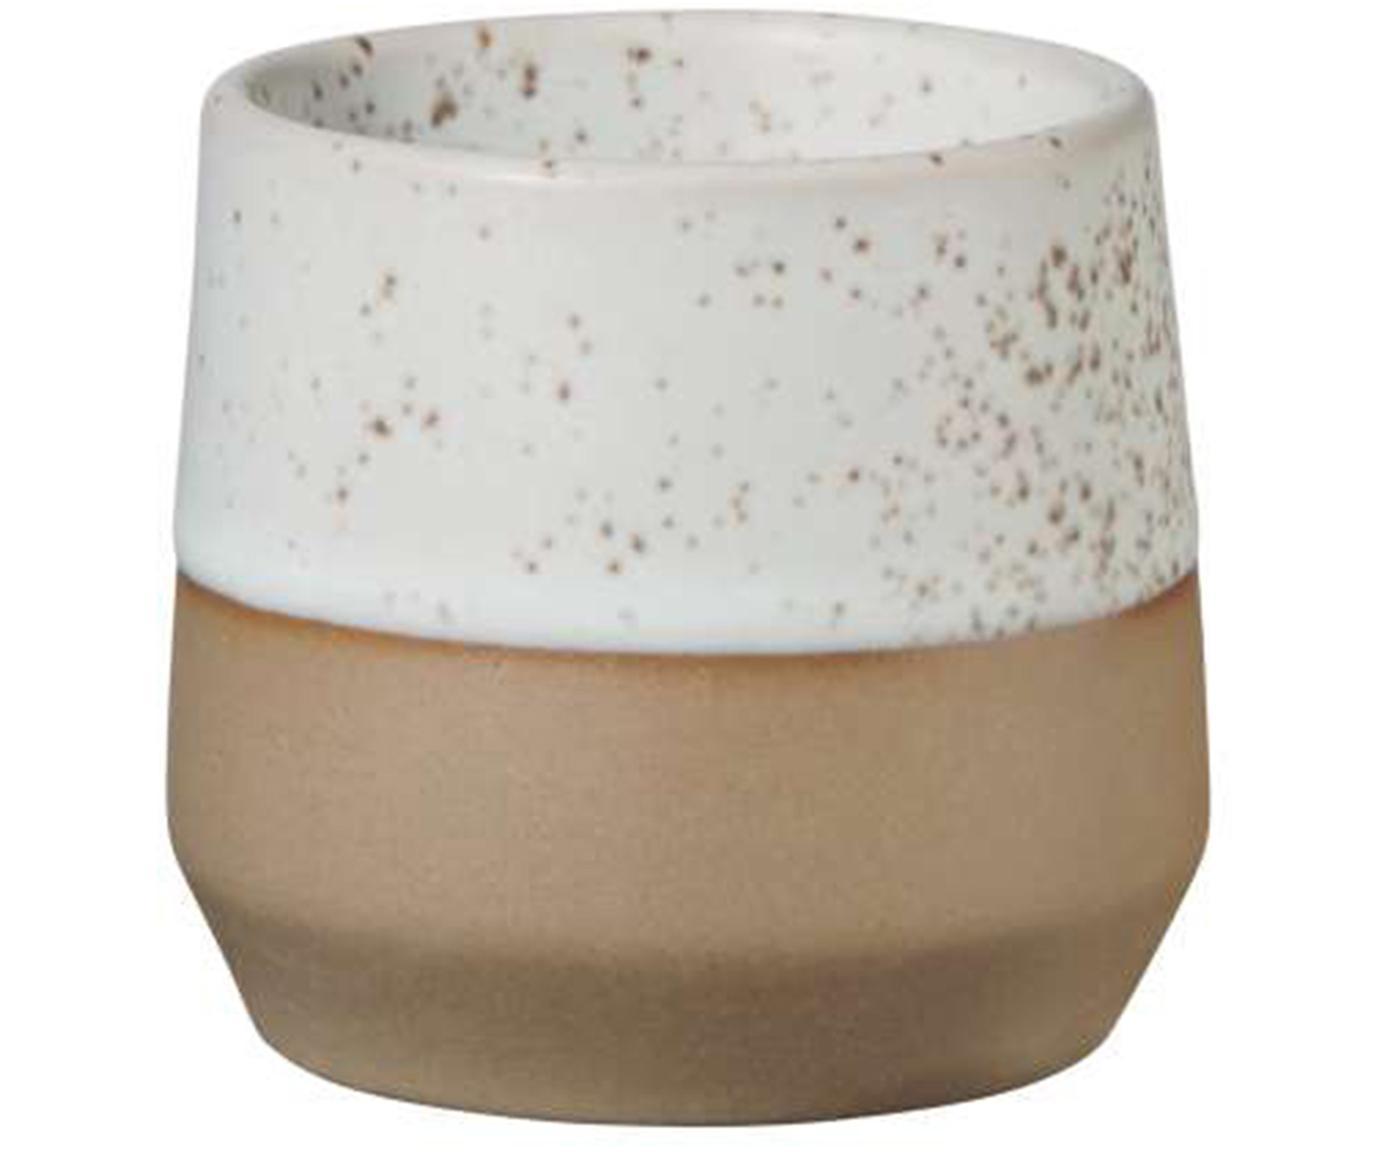 Soportes de huevo Caja, 2uds., Terracota, Tonos marrones y beige, Ø 5x Al 5 cm